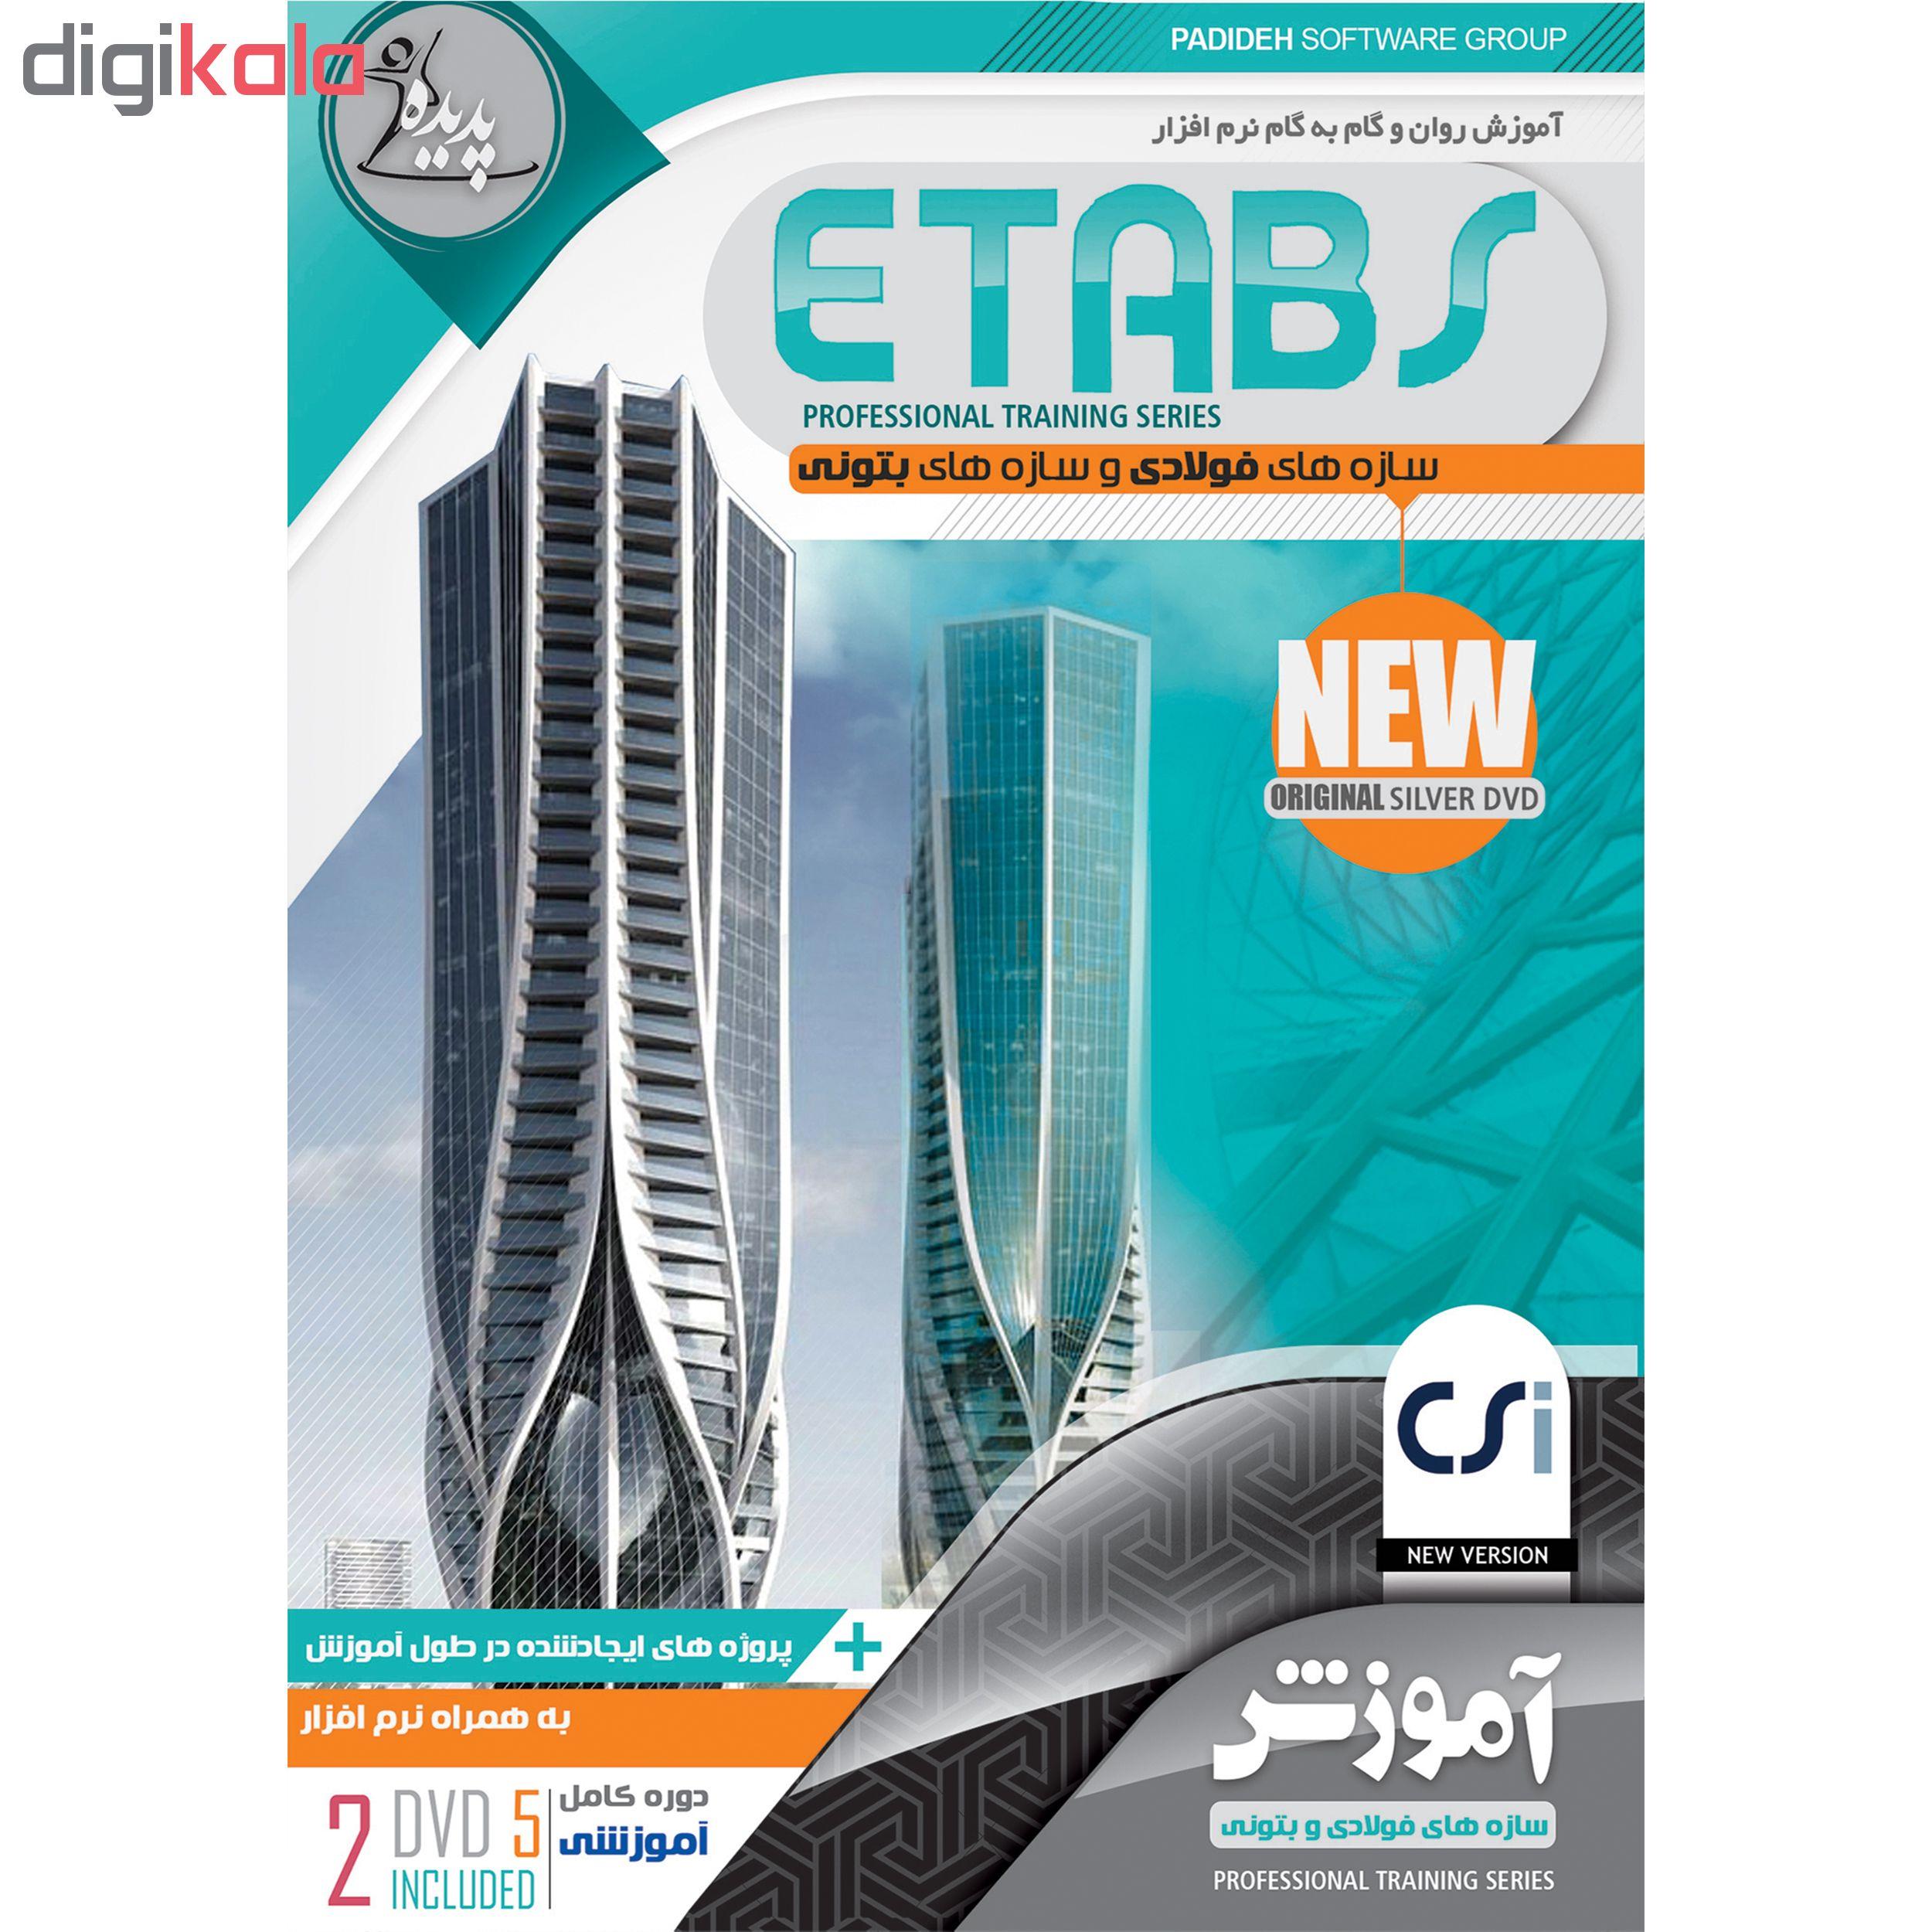 نرم افزار آموزش CIVIL 3D نشر پدیا سافت به همراه نرم افزار آموزش ETABS نشر پدیده